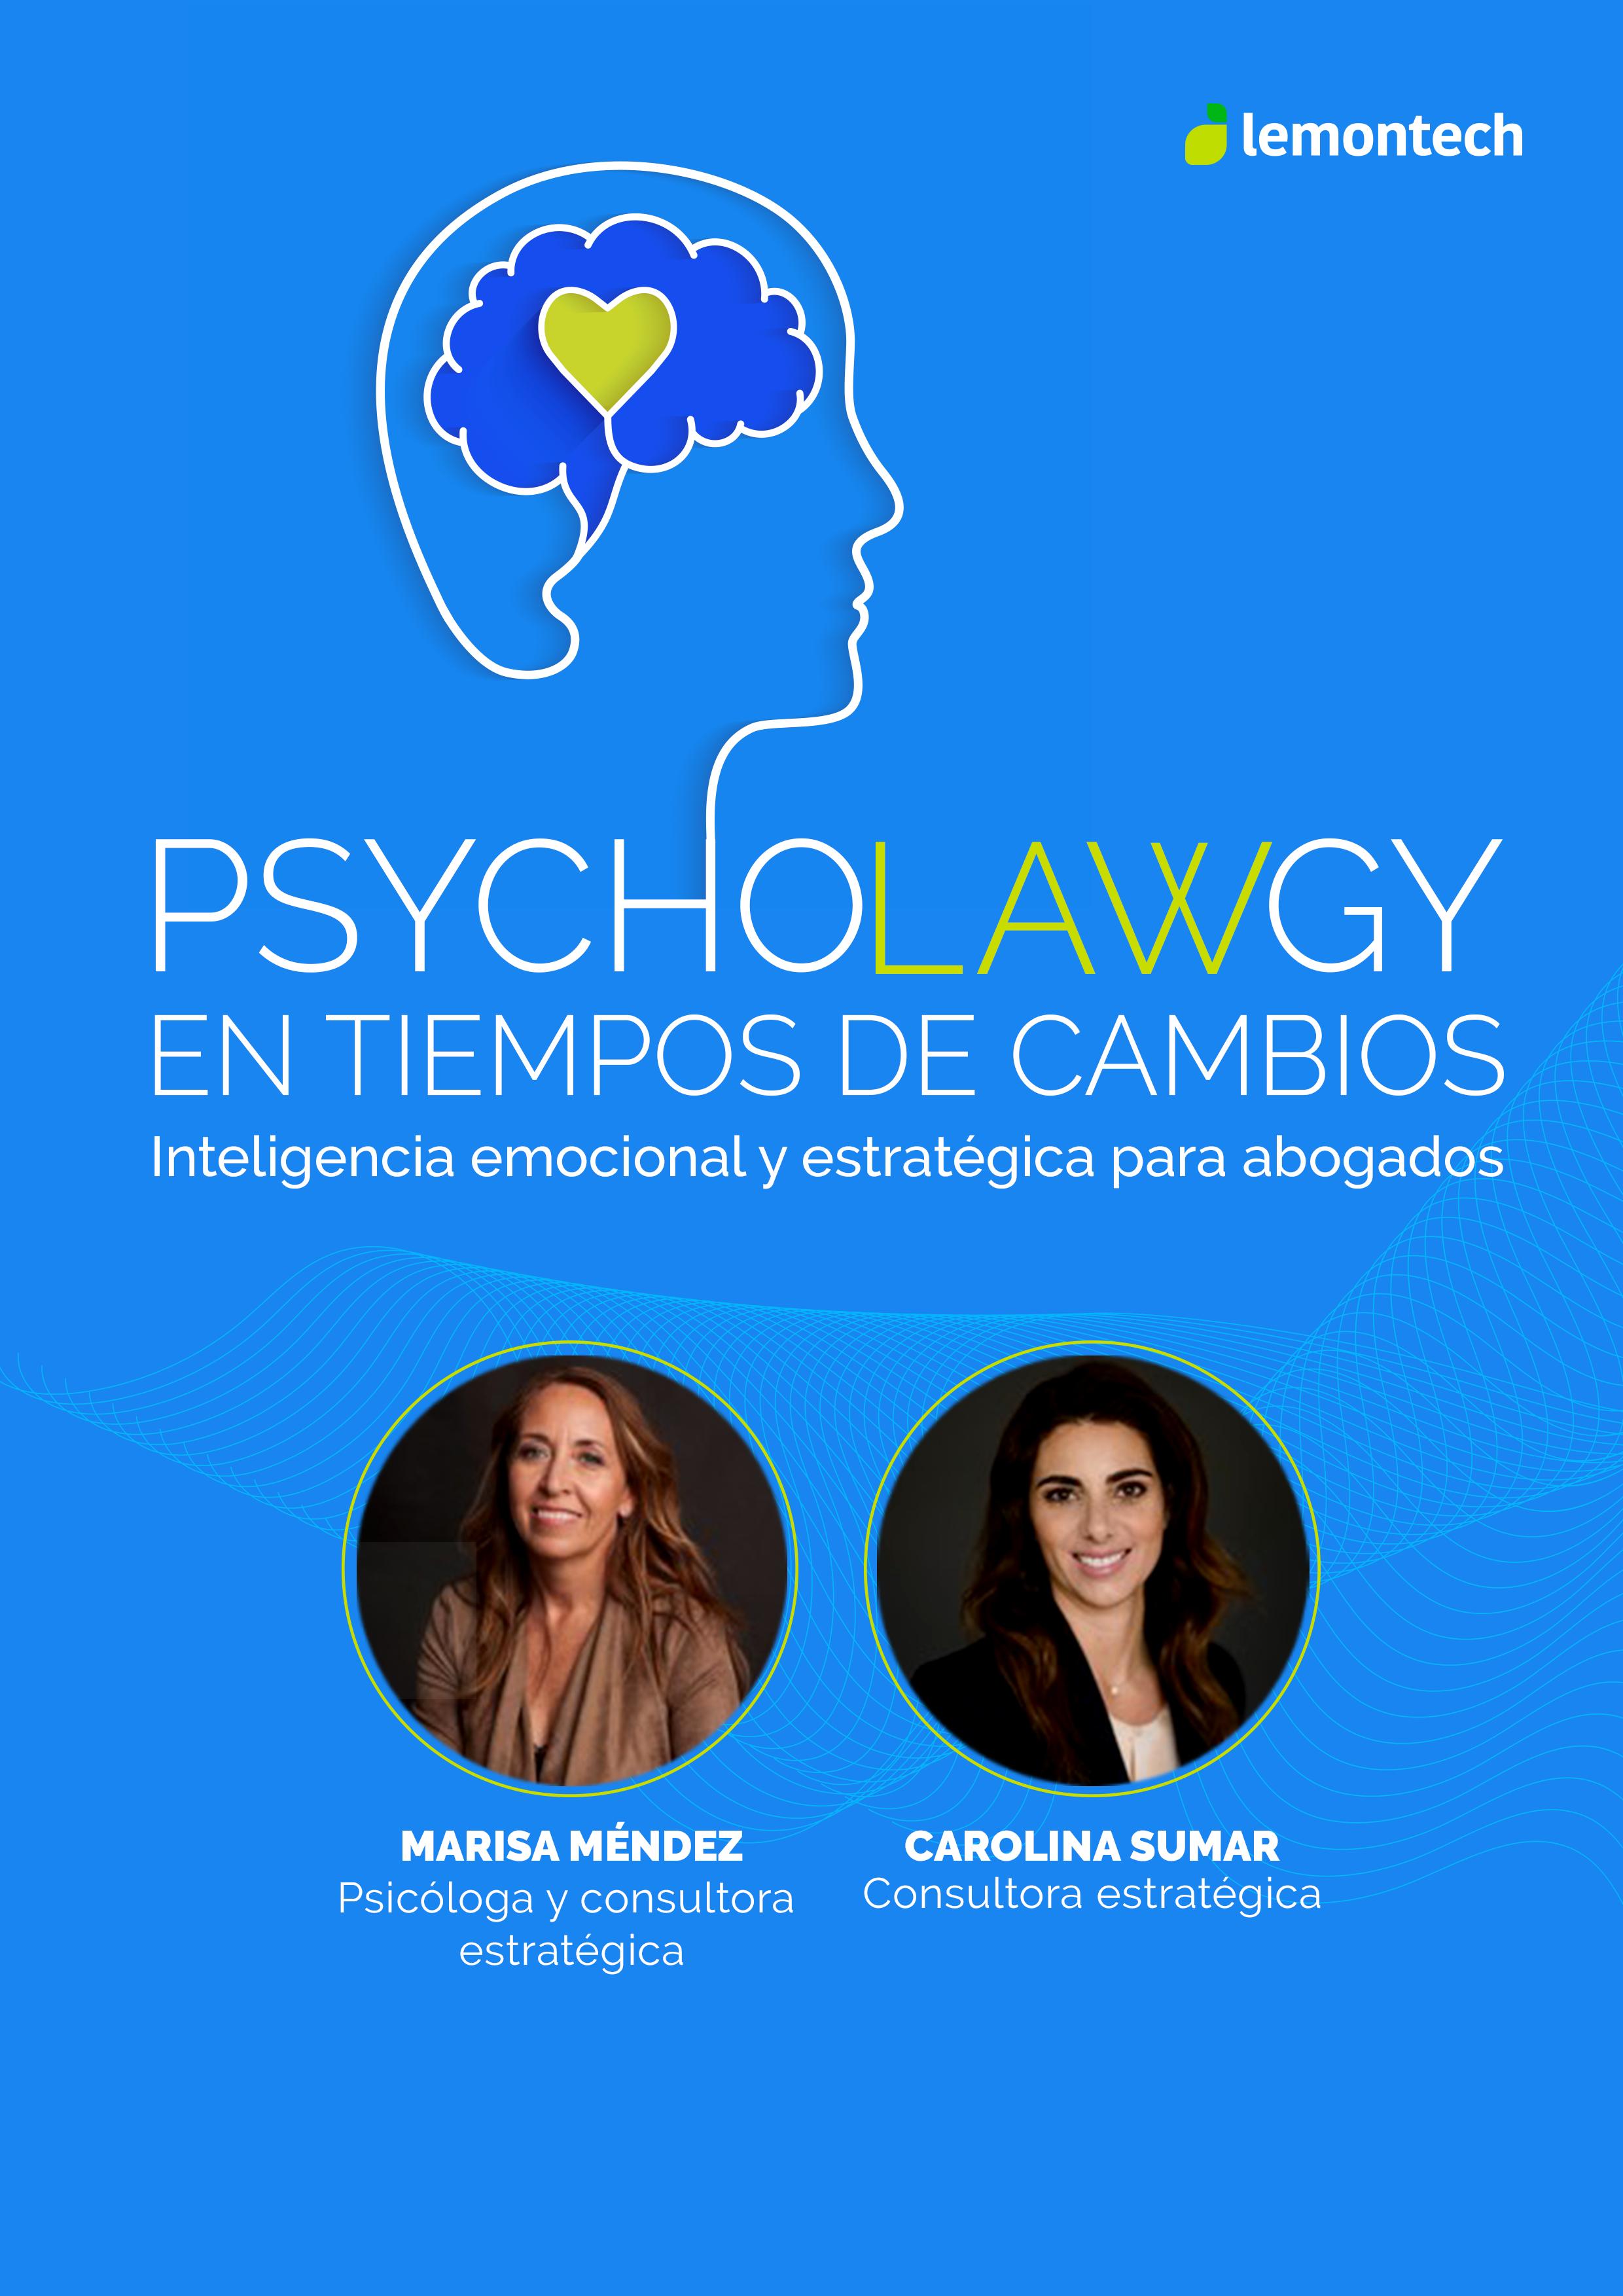 Webinar Psycholawgy